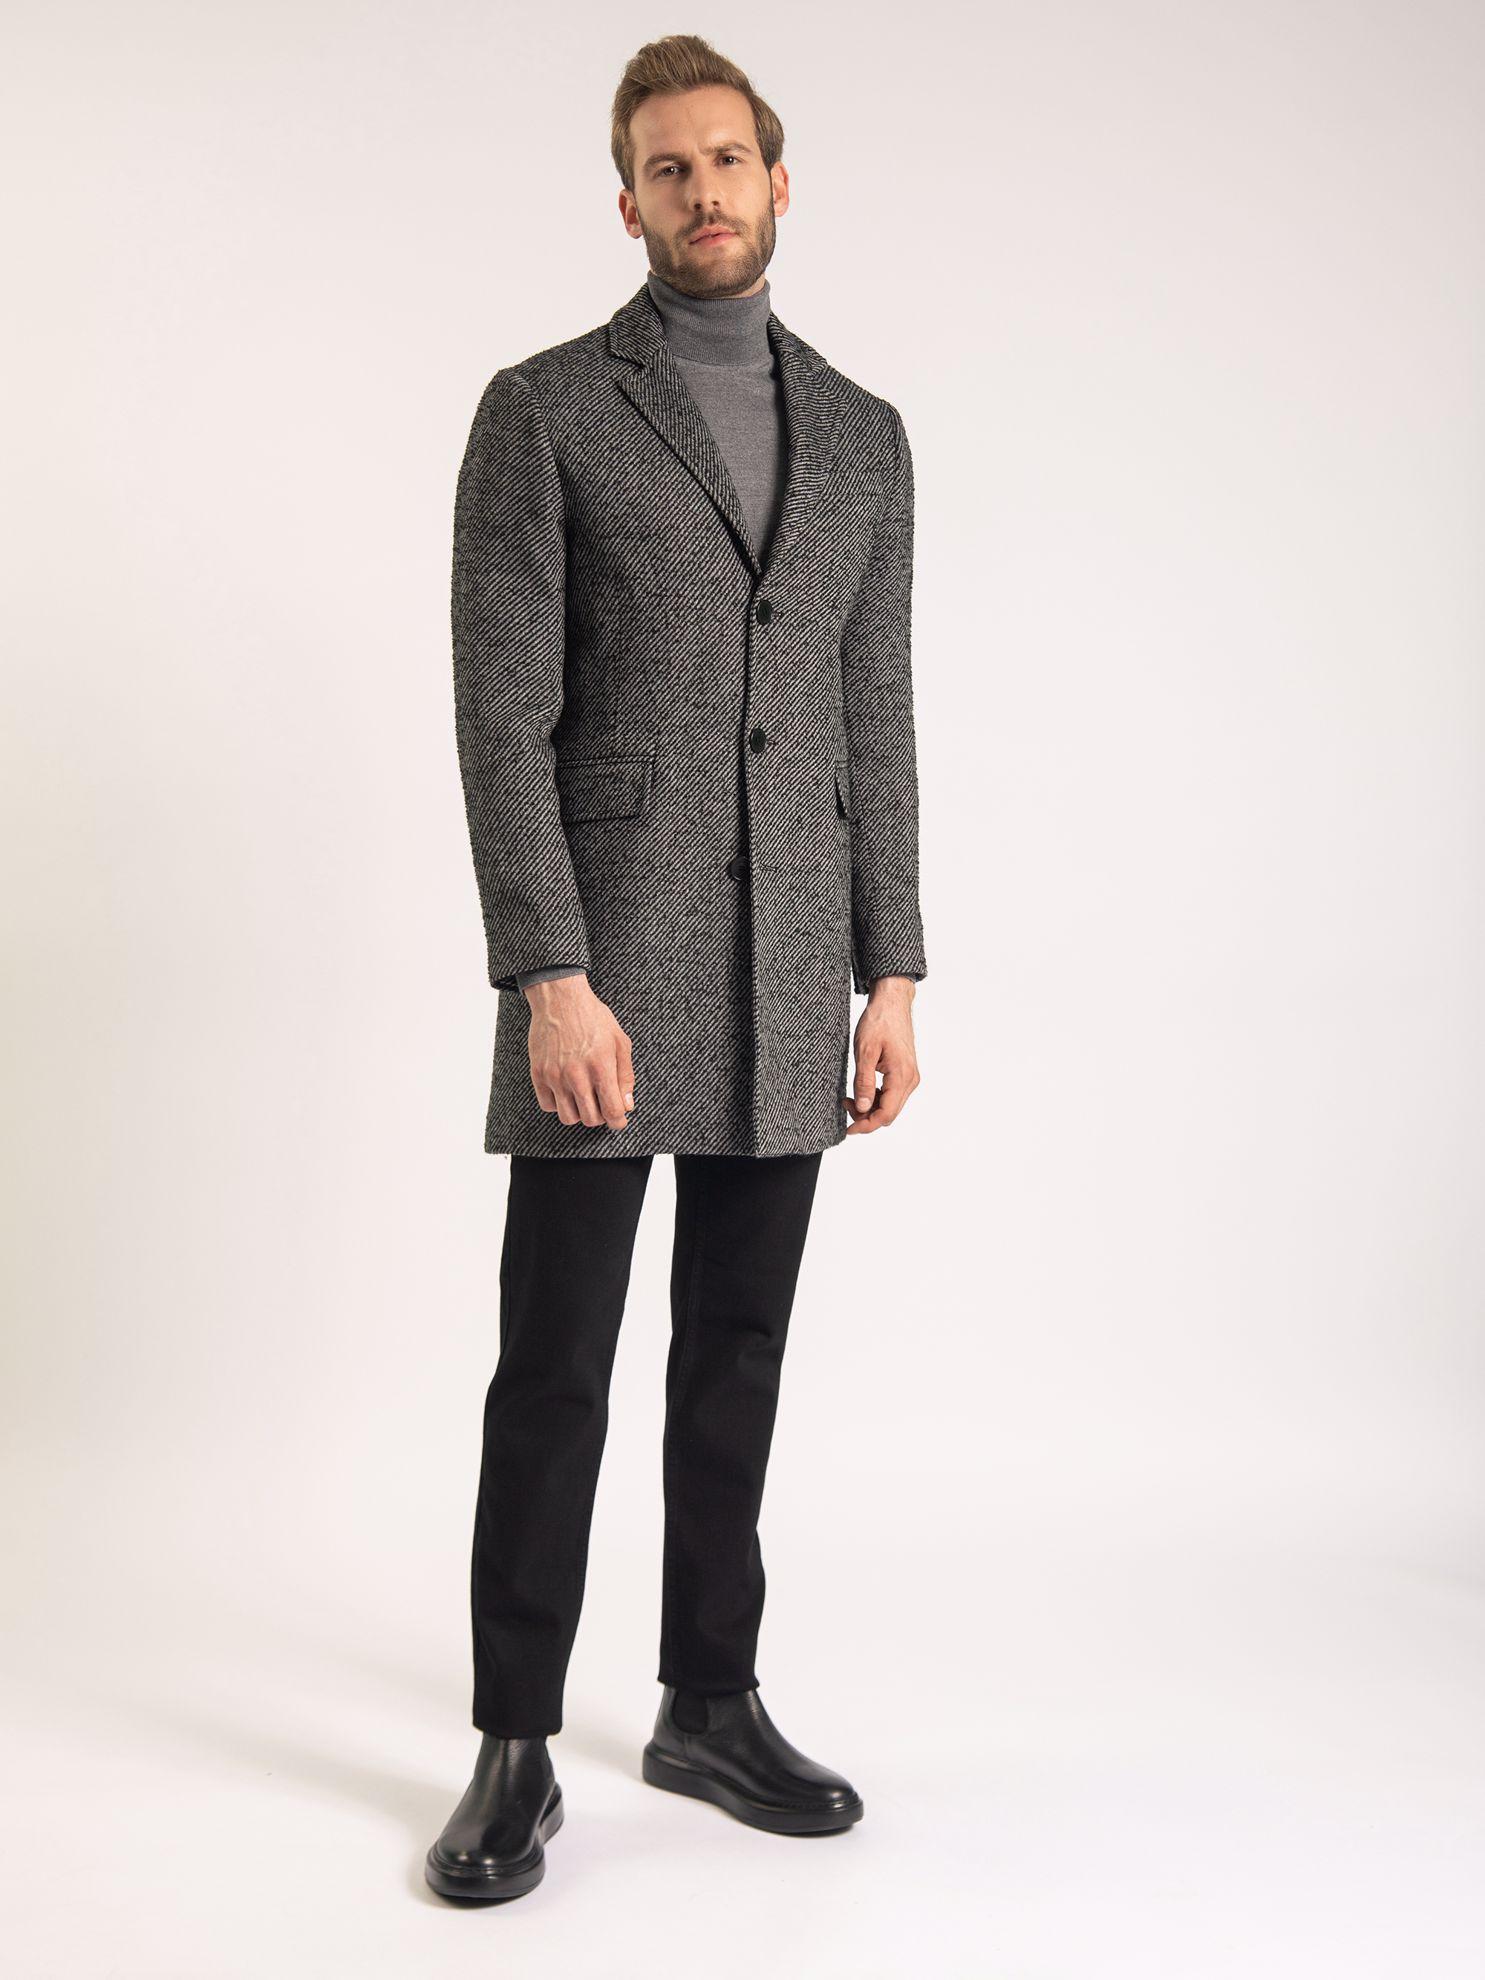 Karaca Erkek Palto-Siyah. ürün görseli